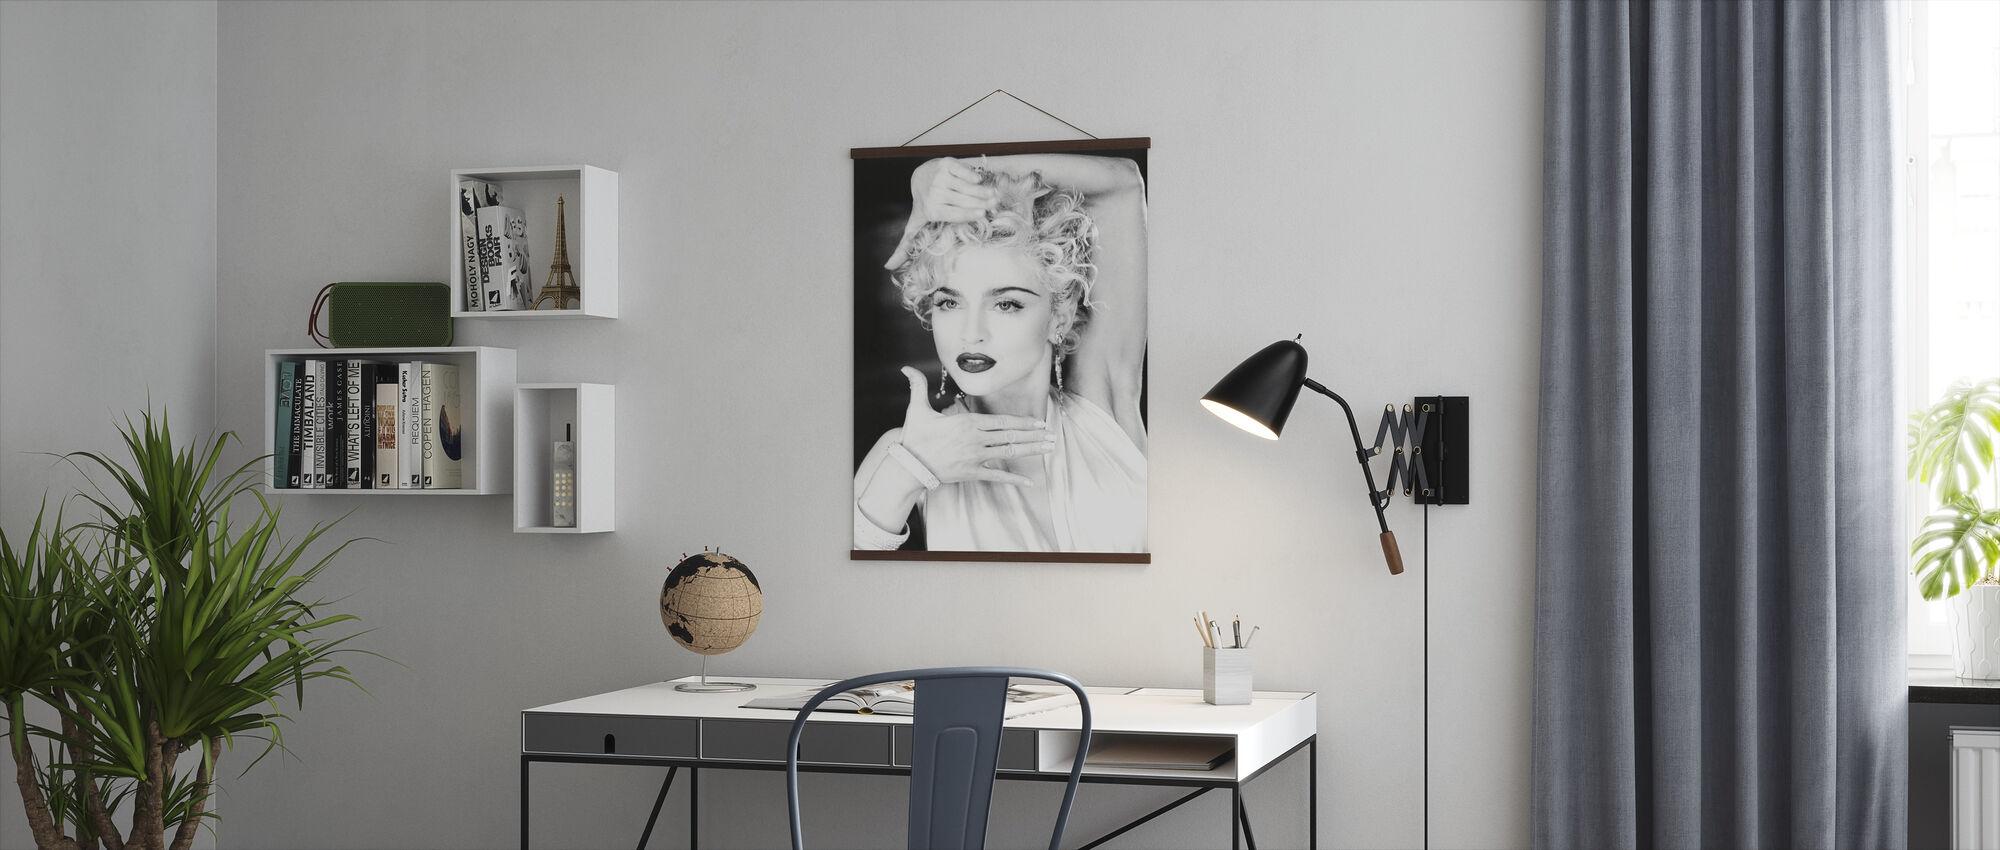 - Madonna - Juliste - Toimisto